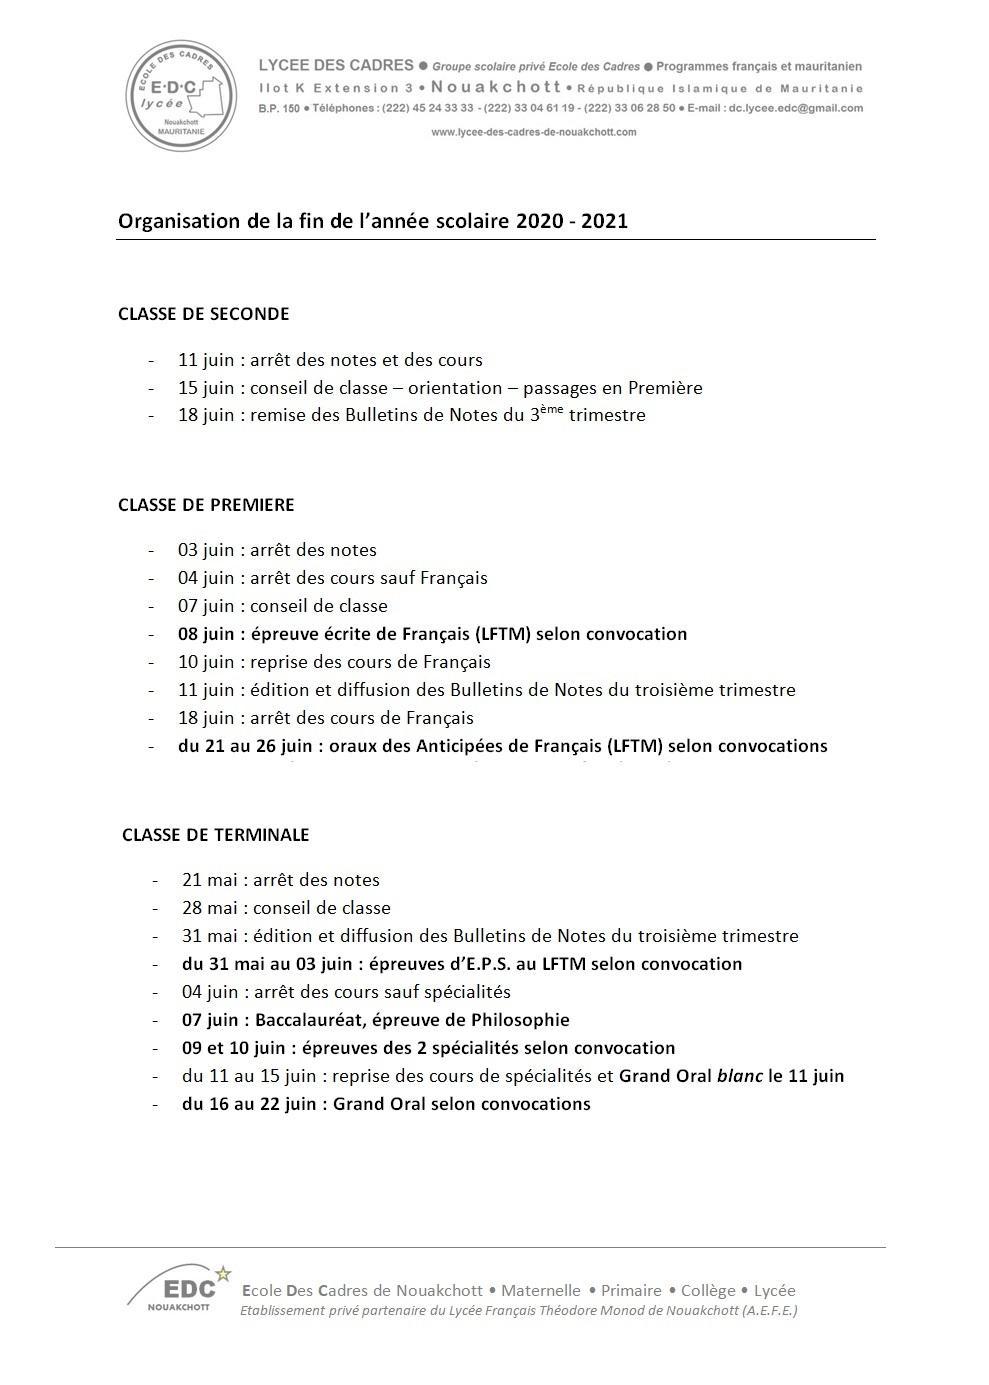 Organisation de la fin d annee scolaire 2020 2021